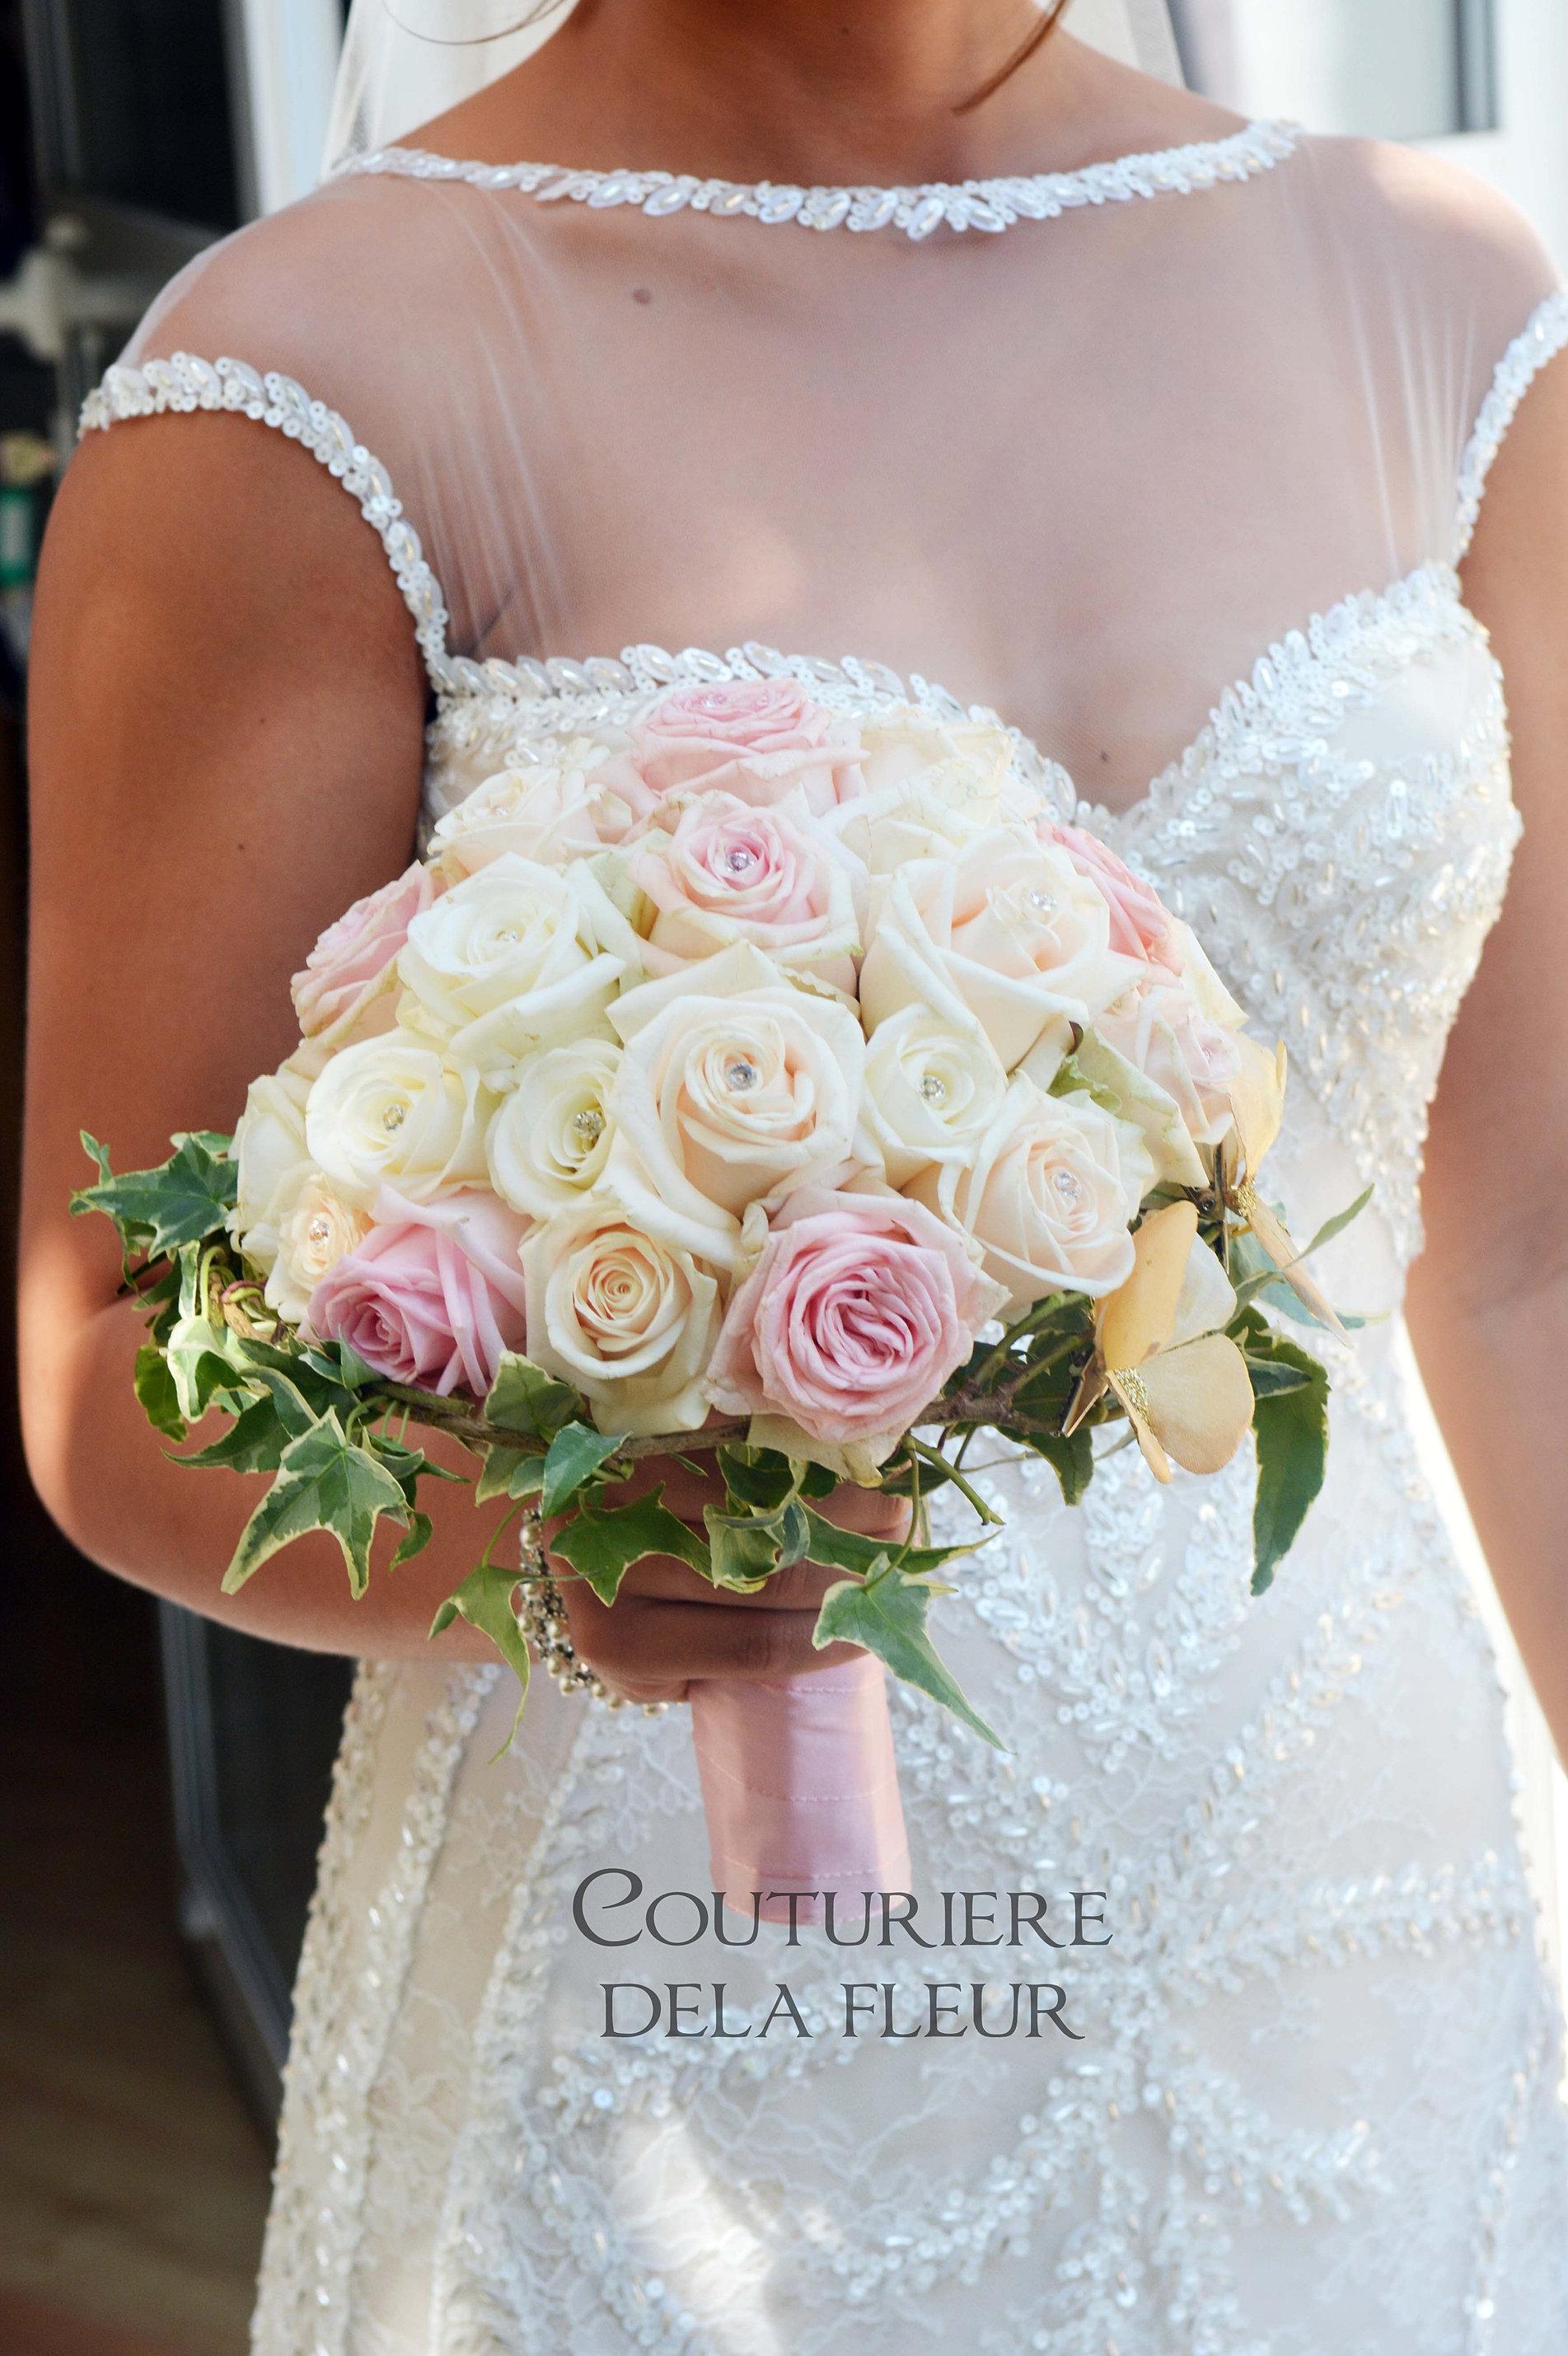 les plus beaux bouquets de mari e montpellier bouquet. Black Bedroom Furniture Sets. Home Design Ideas